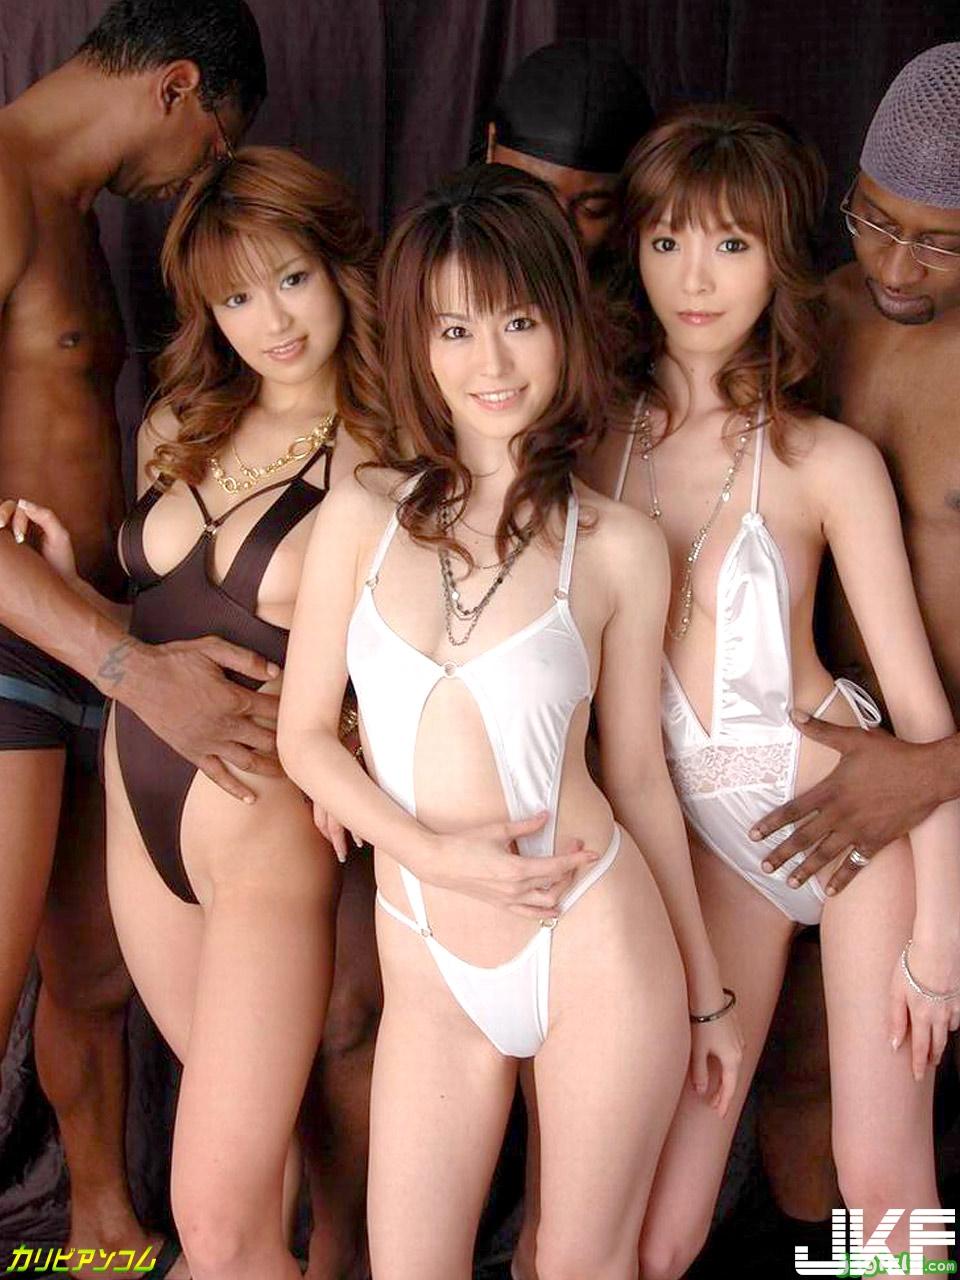 日本女與黑人 - 貼圖 - 清涼寫真 -